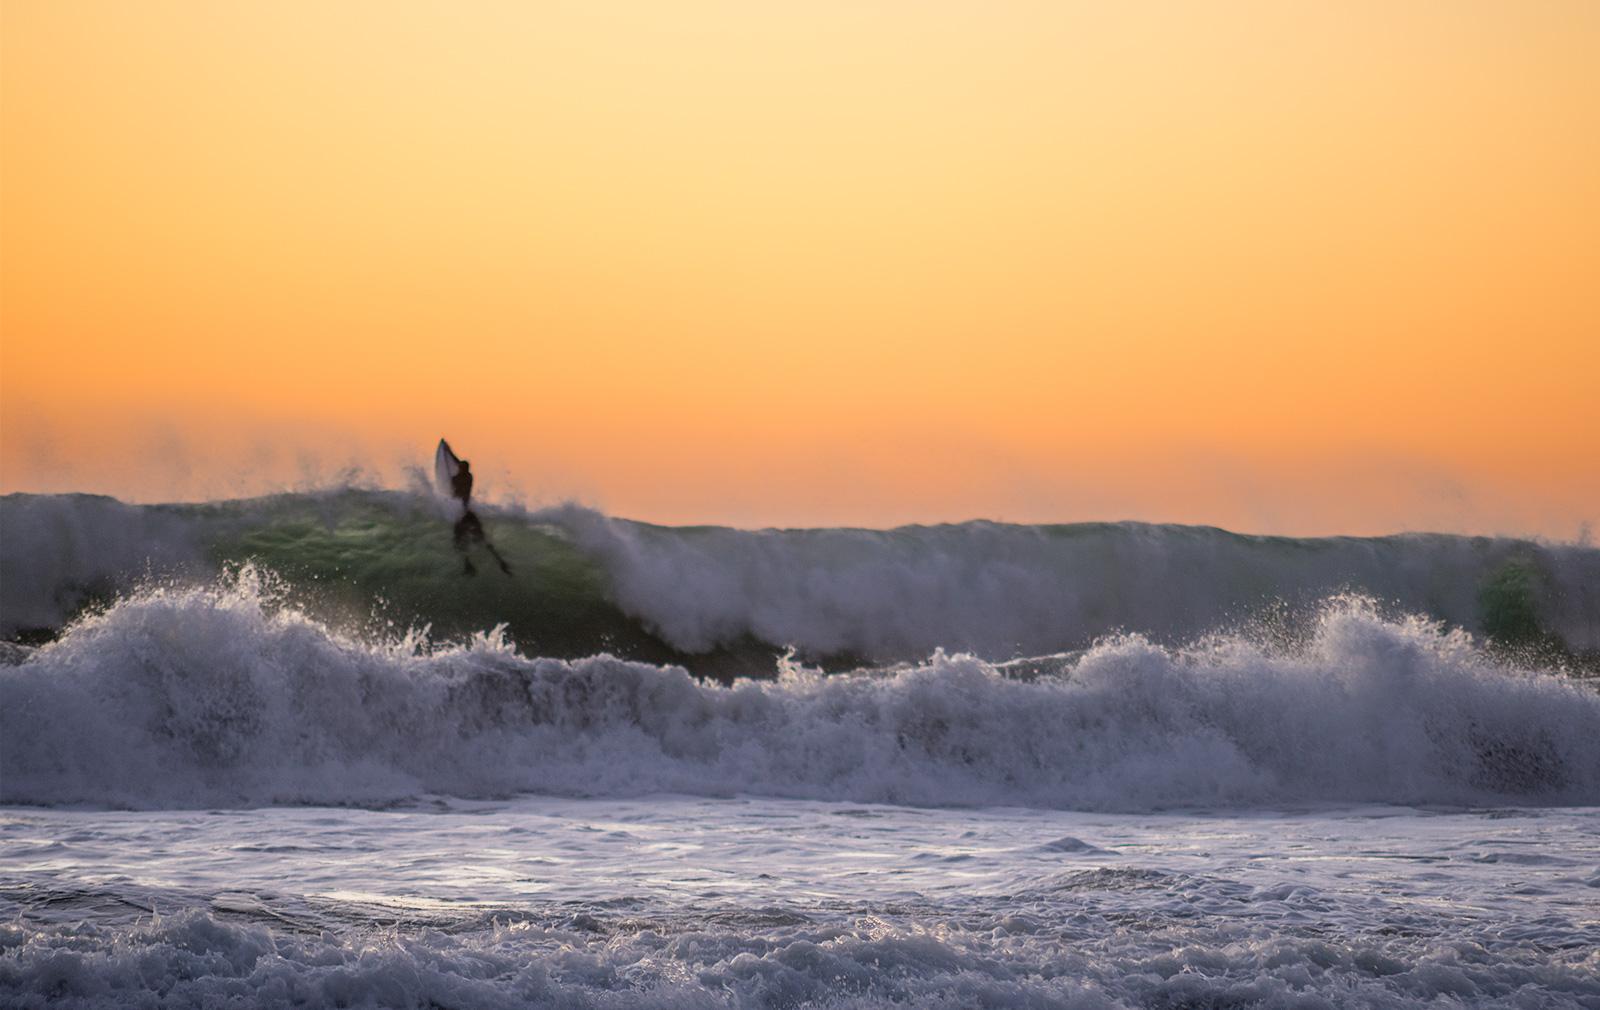 White water surf at Pfeiffer Beach, Big Sur.